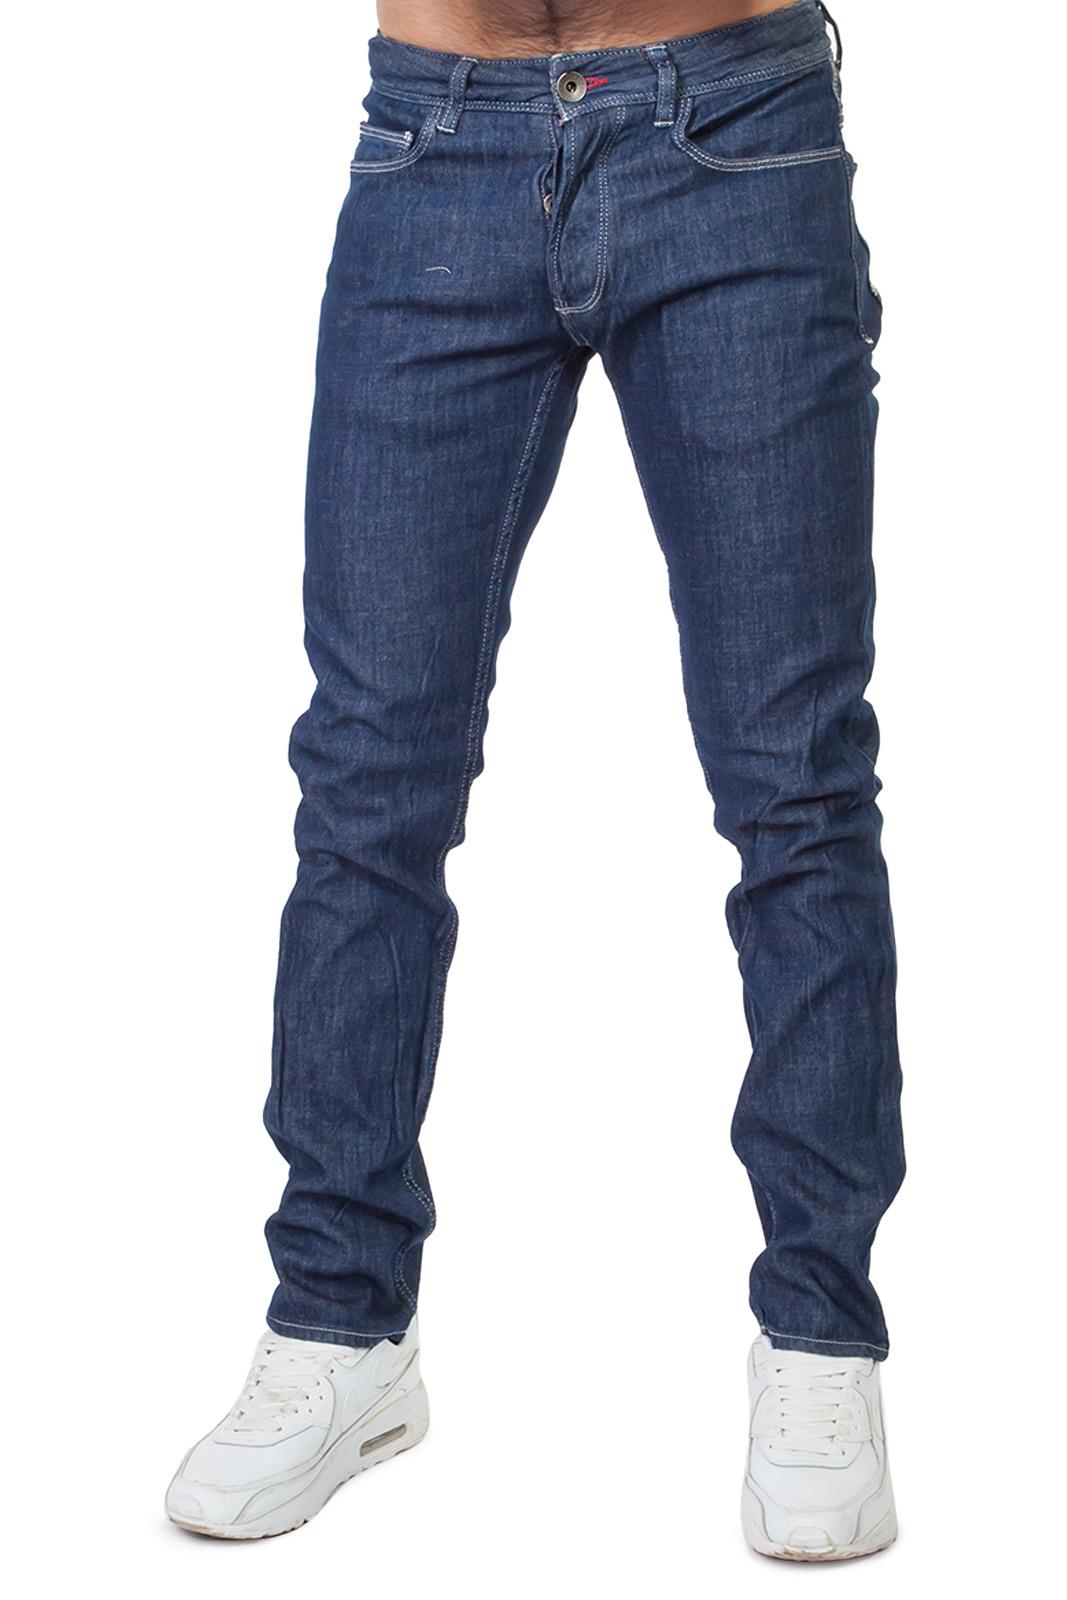 Купить в Москве недорогие оригинальные джинсы